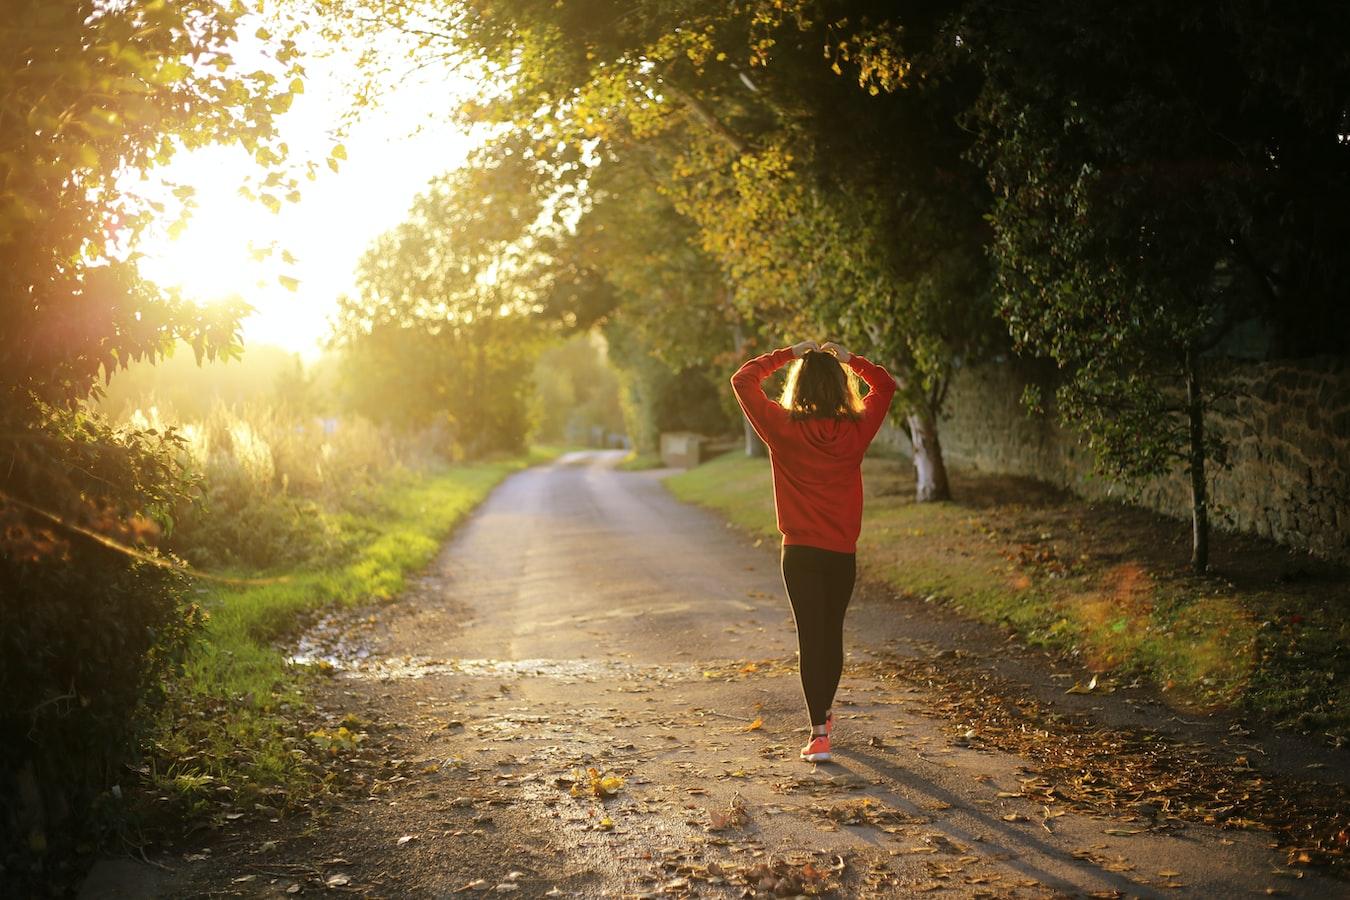 維生素 B 不只補體力,還能改善睡眠、補腦力!